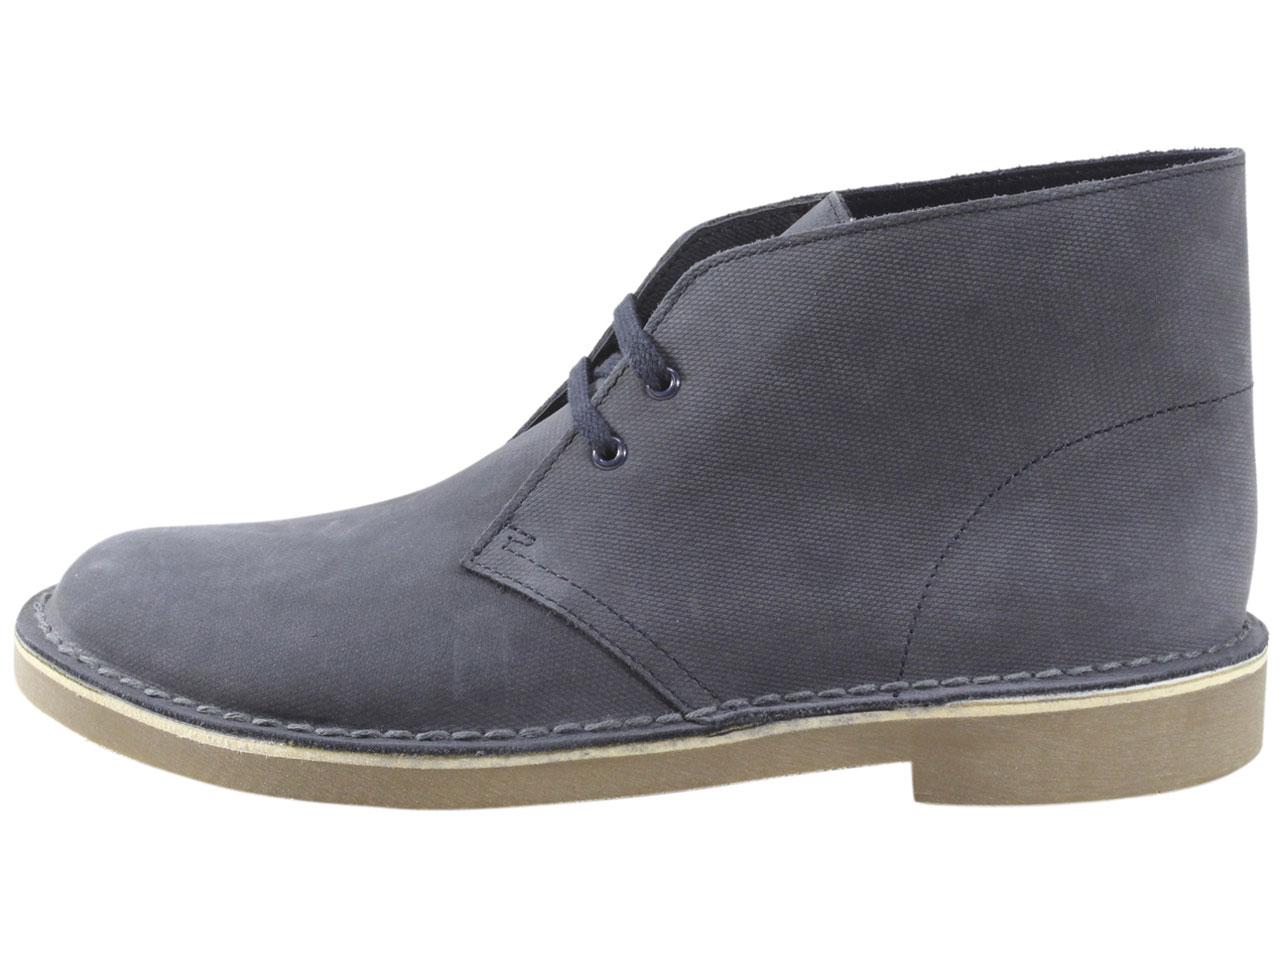 Clarks Bushacre-2 Ankle Boots Men/'s Chukkas Shoes